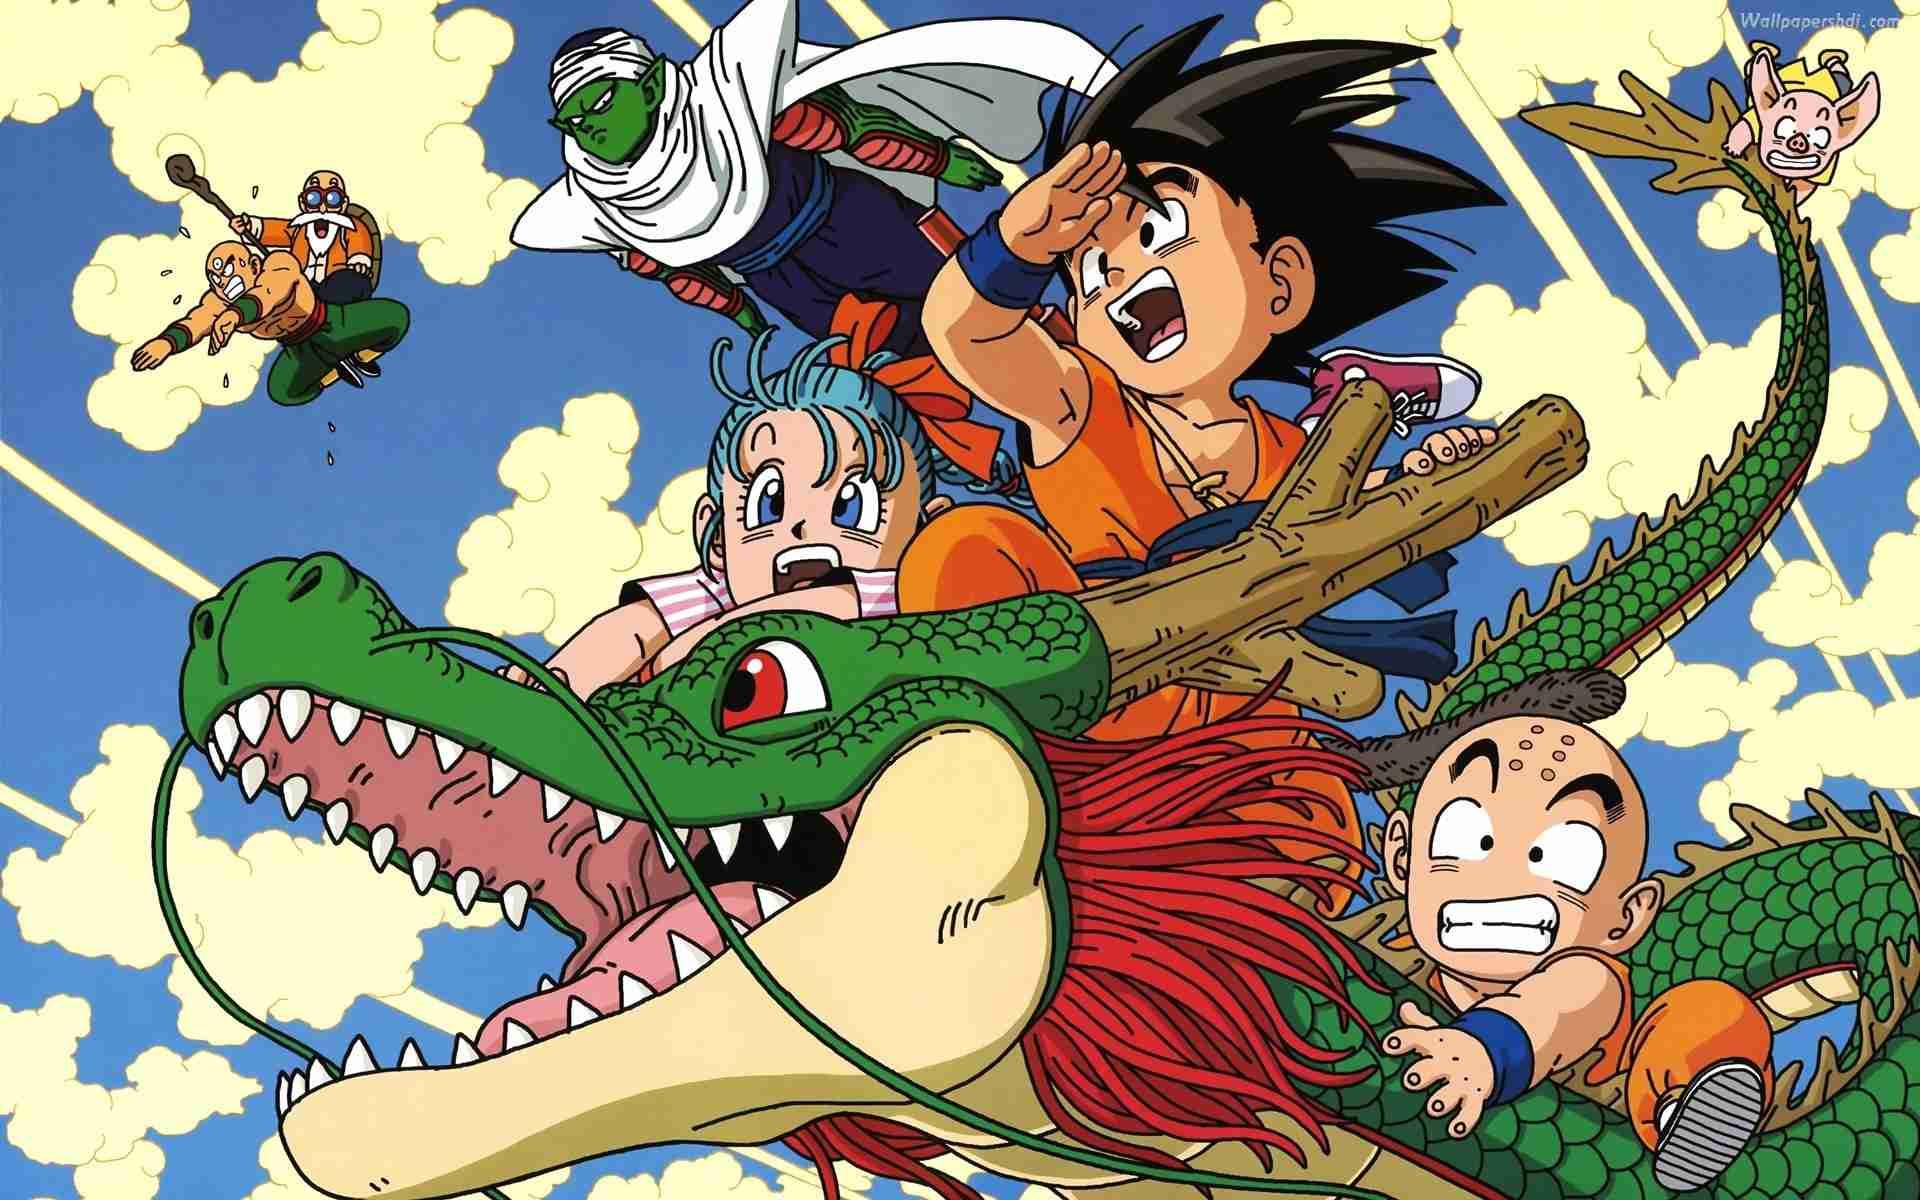 ドラゴンボール、魔人ブウ編が再アニメ化!4月から放送開始